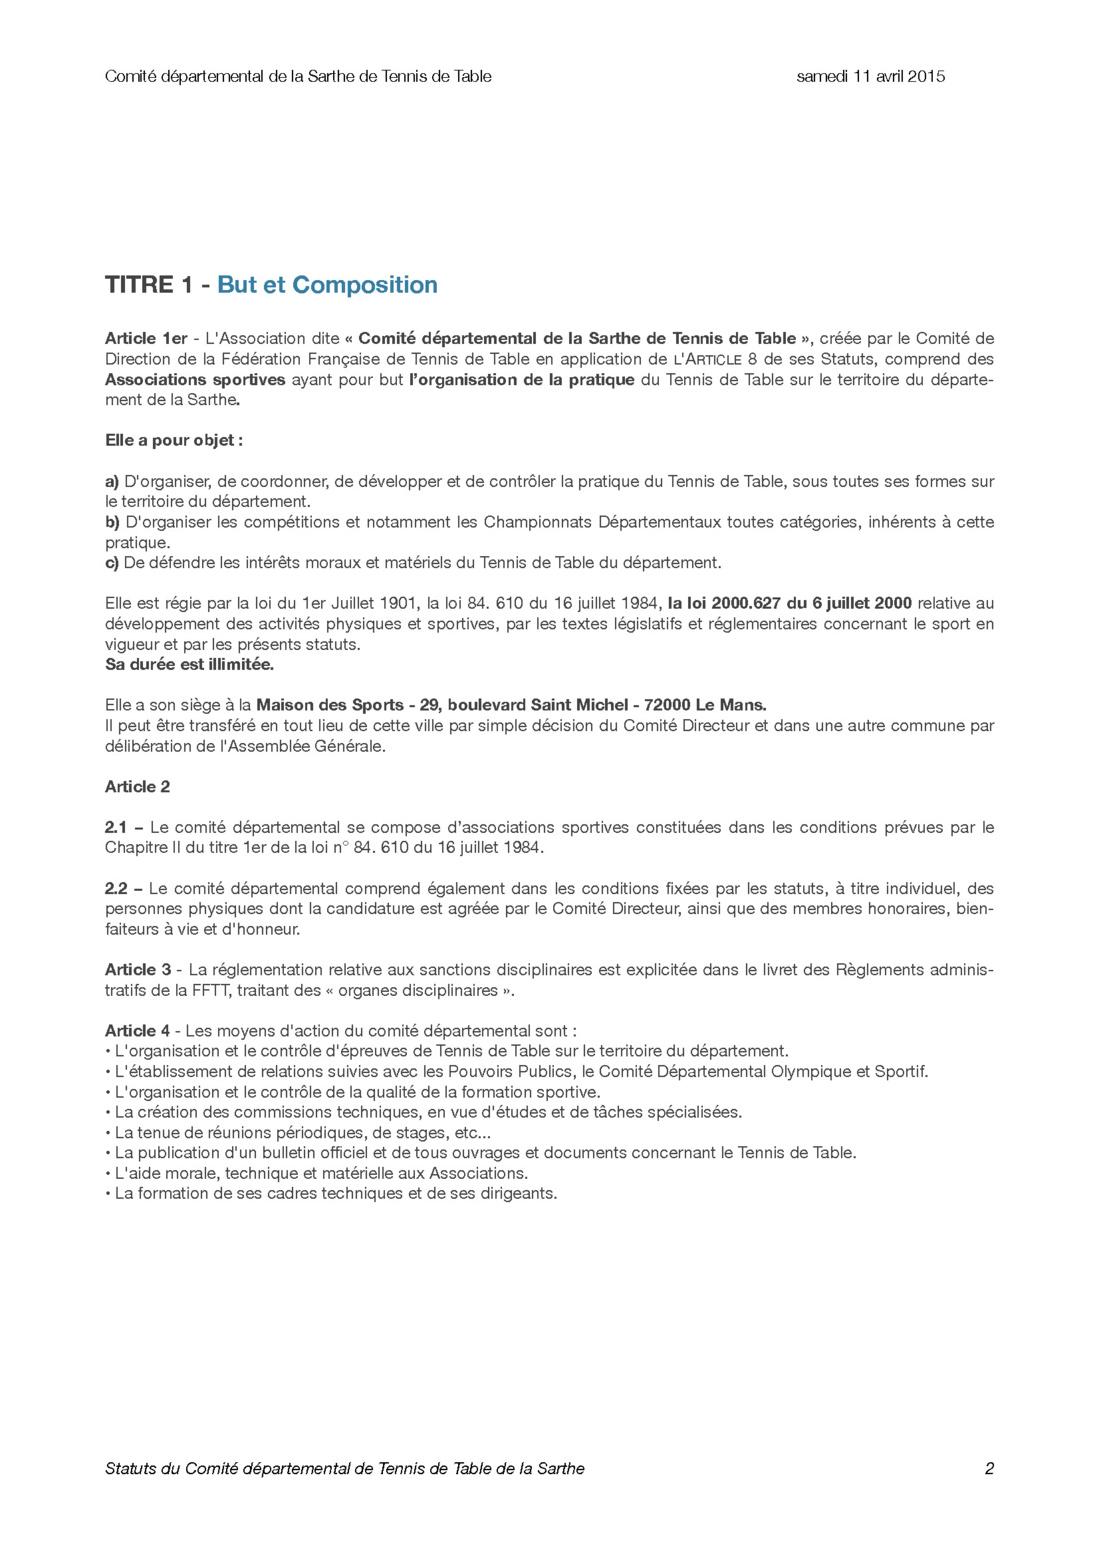 Statuts du Comité départemental